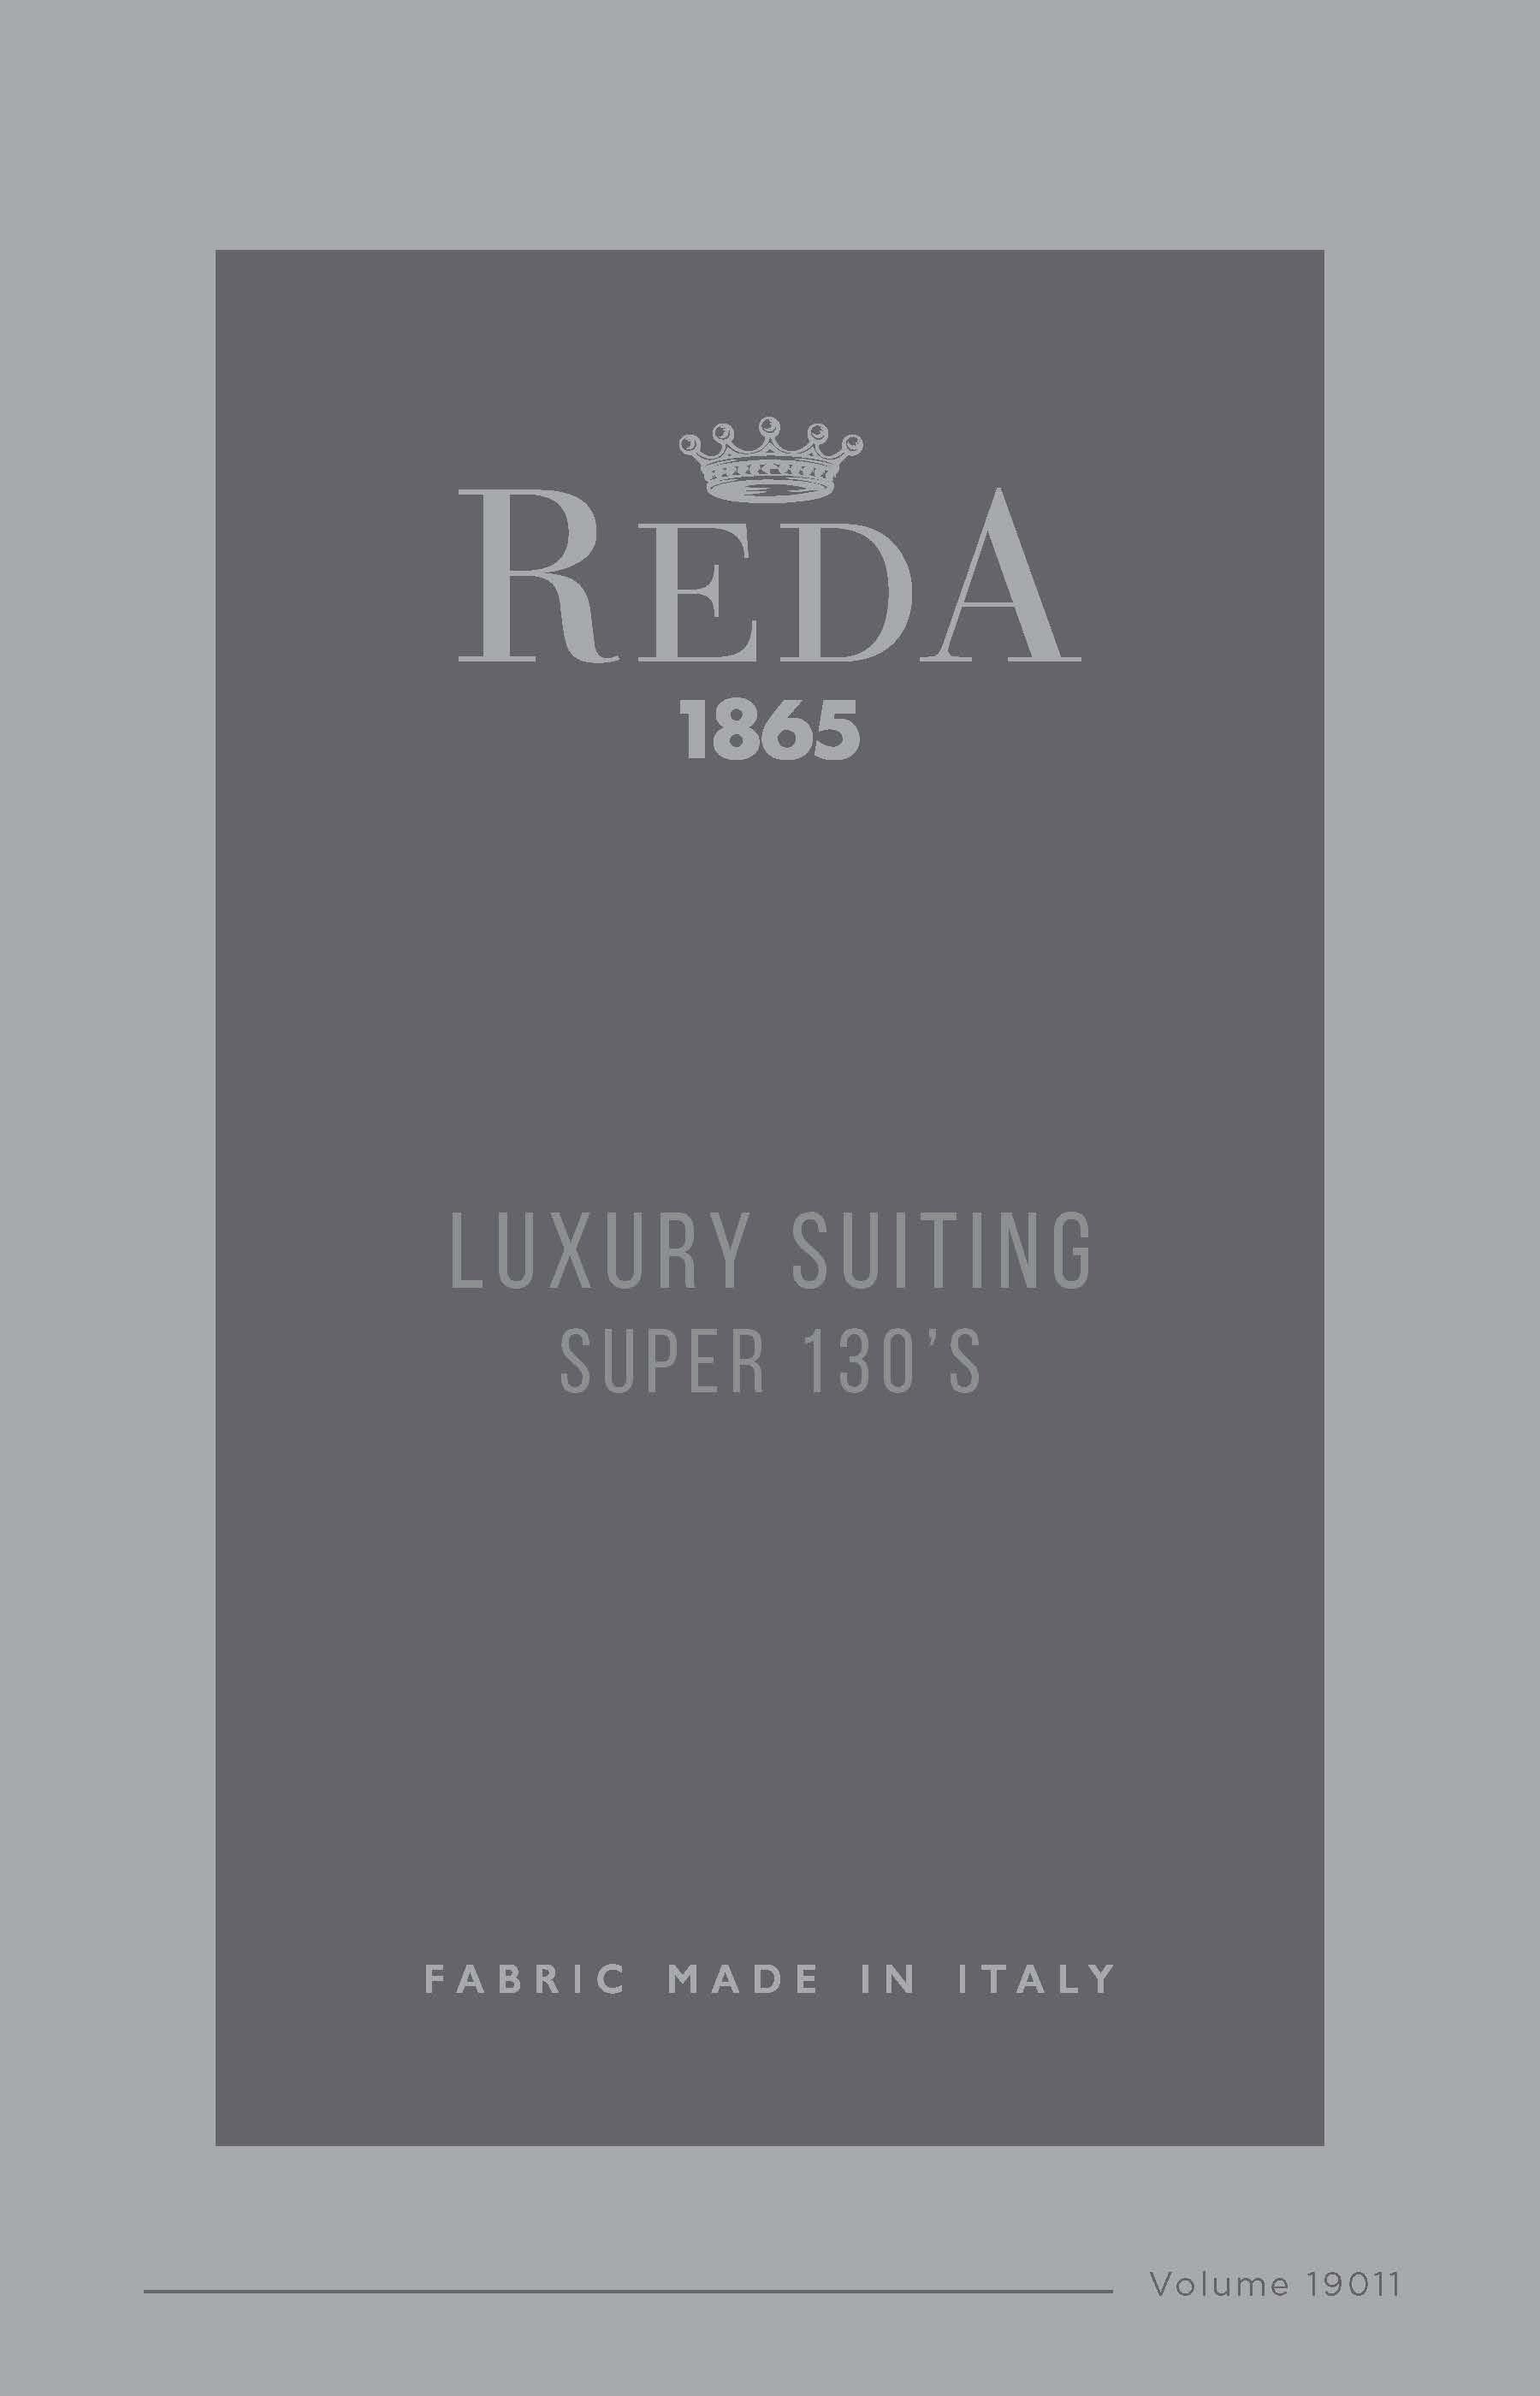 Reda_Luxury-Suiting_Super-130s_V19011_DIGITAL.jpg